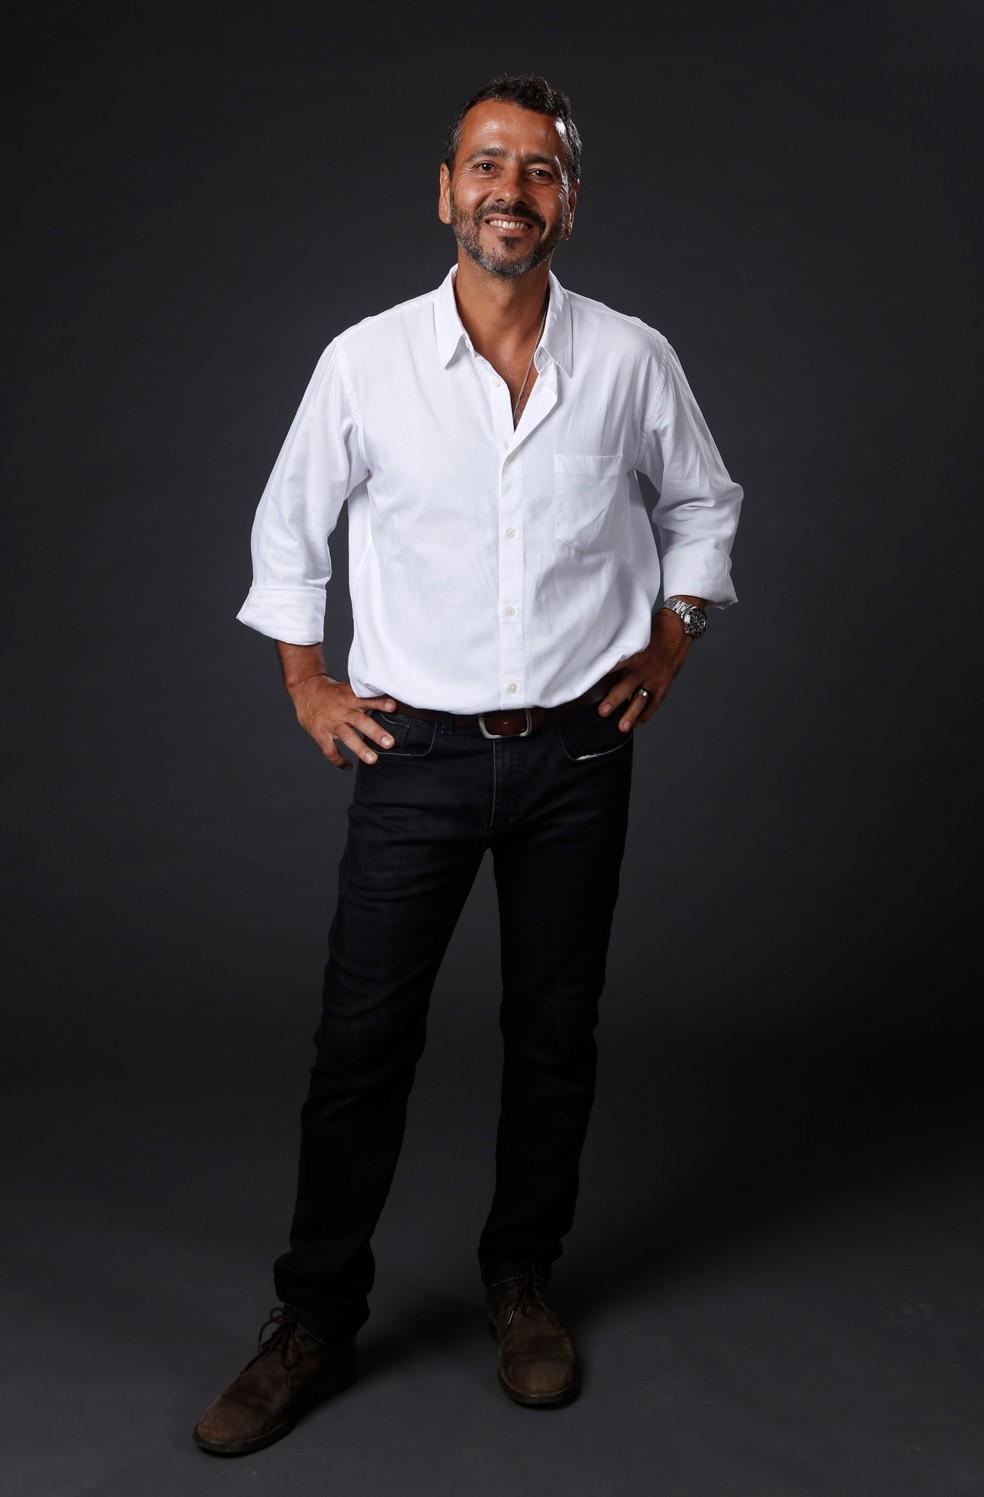 Marcos Palmeira posa vestindo camisa social e calça jeans — Foto: Fabiano Battaglin/Gshow